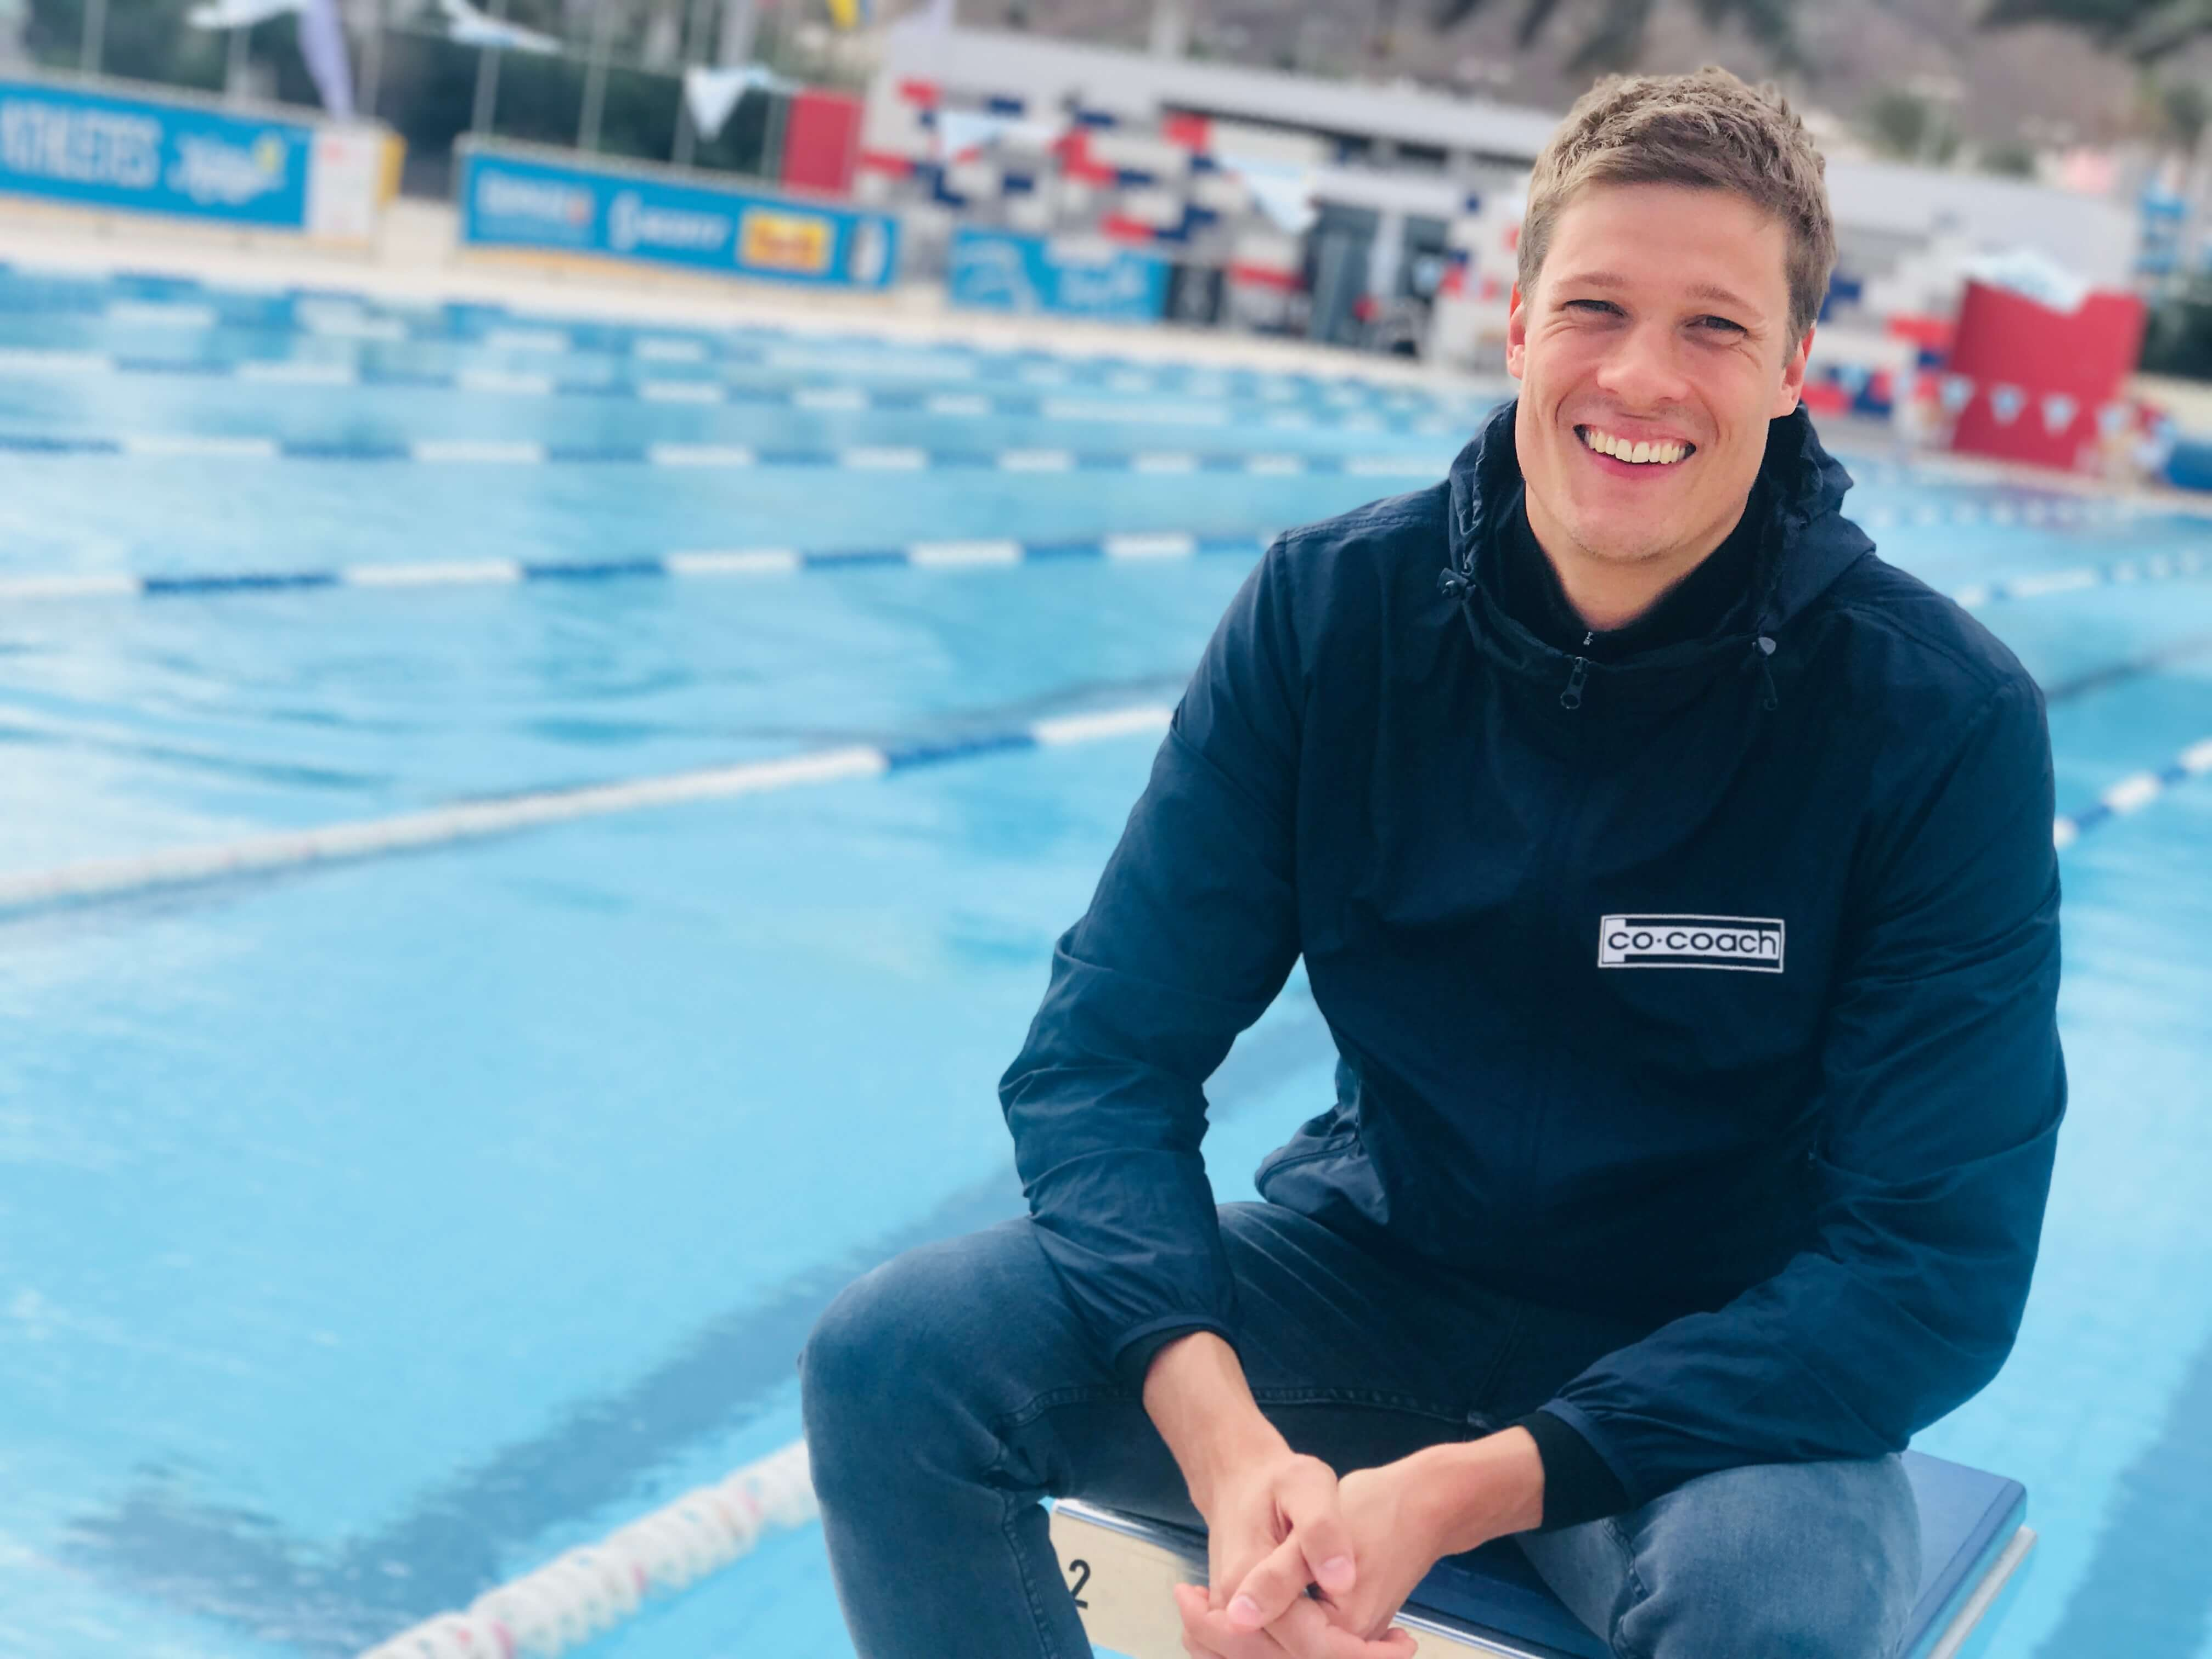 Schwimmen-für-Triathleten-mit-Experte-Stephen-Bibow